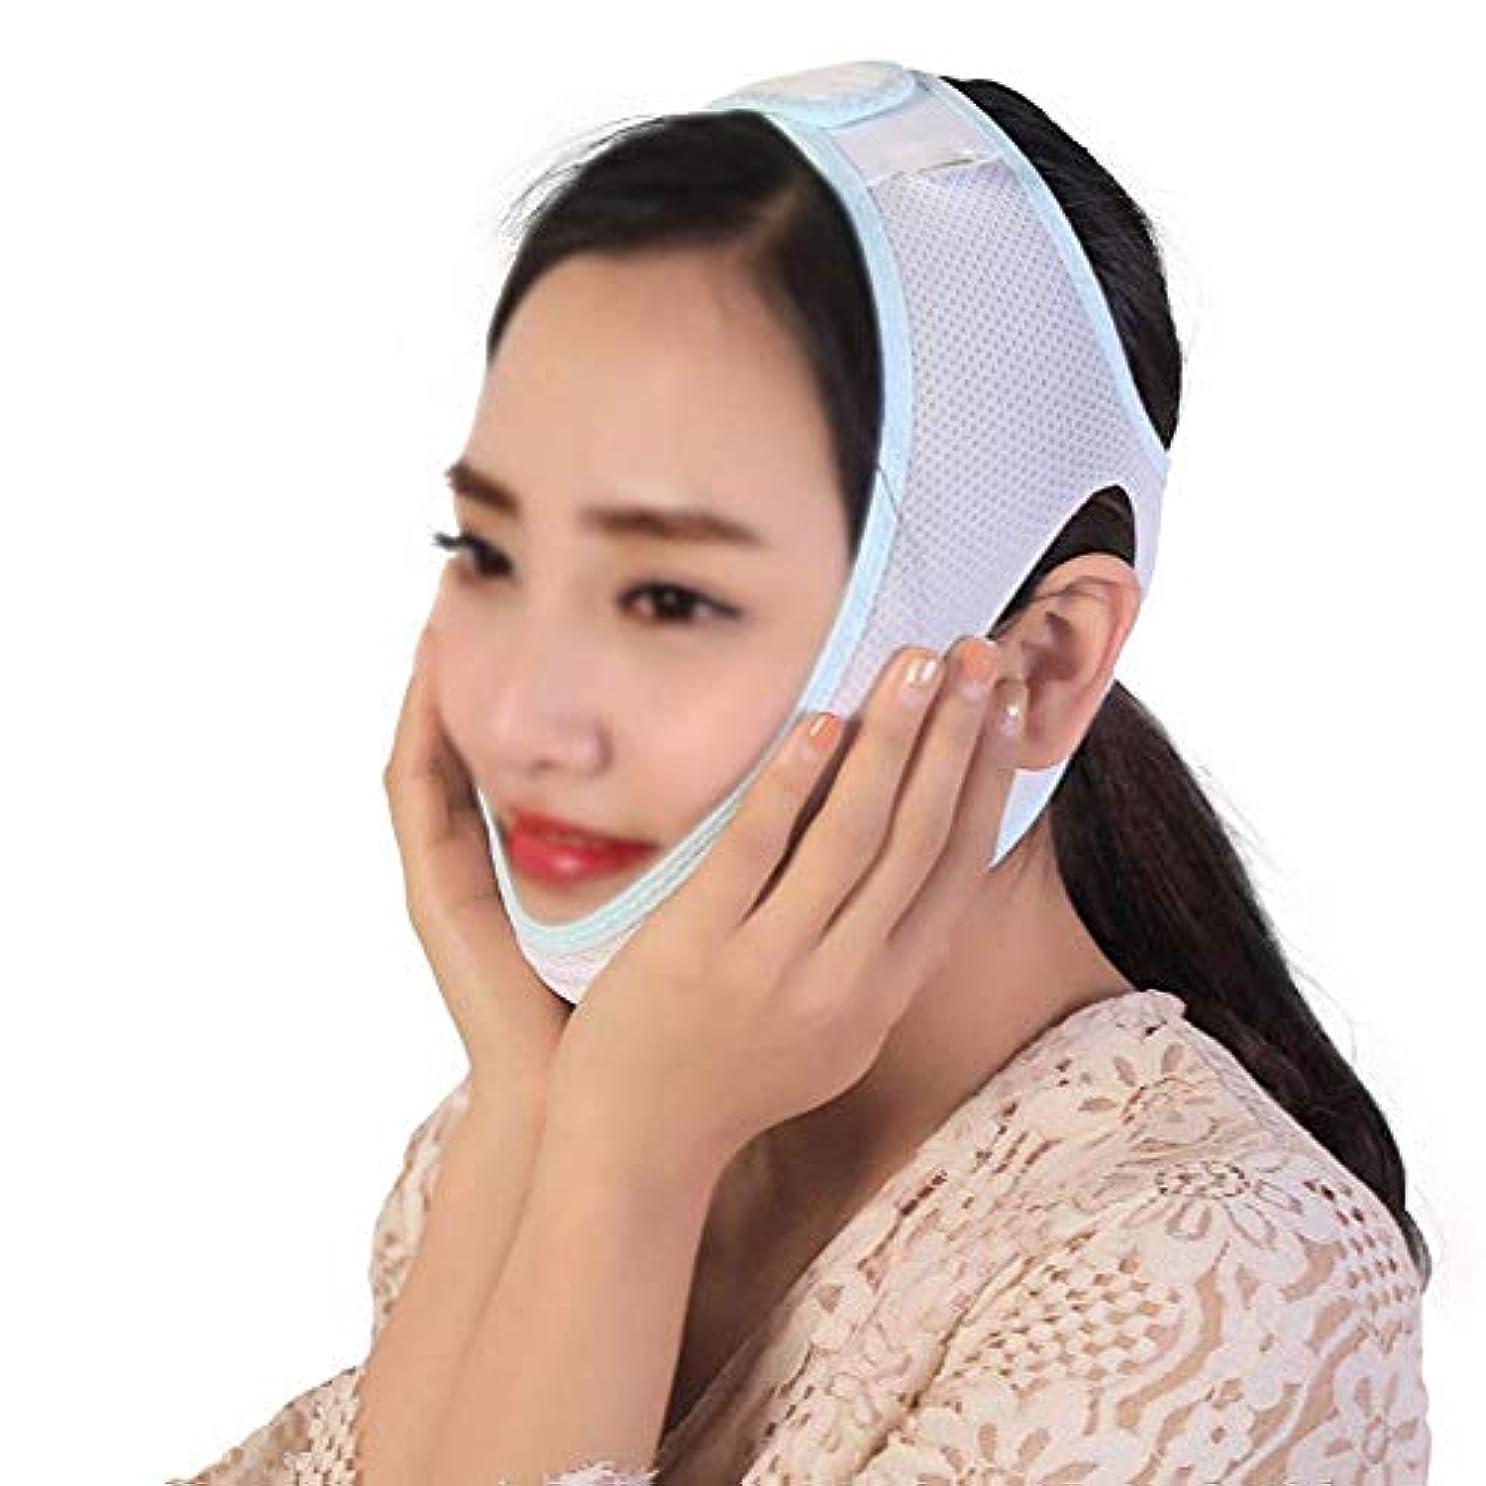 聞く対称蒸し器ファーミングフェイスマスク、スモールVフェイスアーティファクトリフティングフェイスプラスチックフェイスマスクコンフォートアップグレードの最適化フェイスカーブの包括的な通気性包帯の改善(サイズ:M)